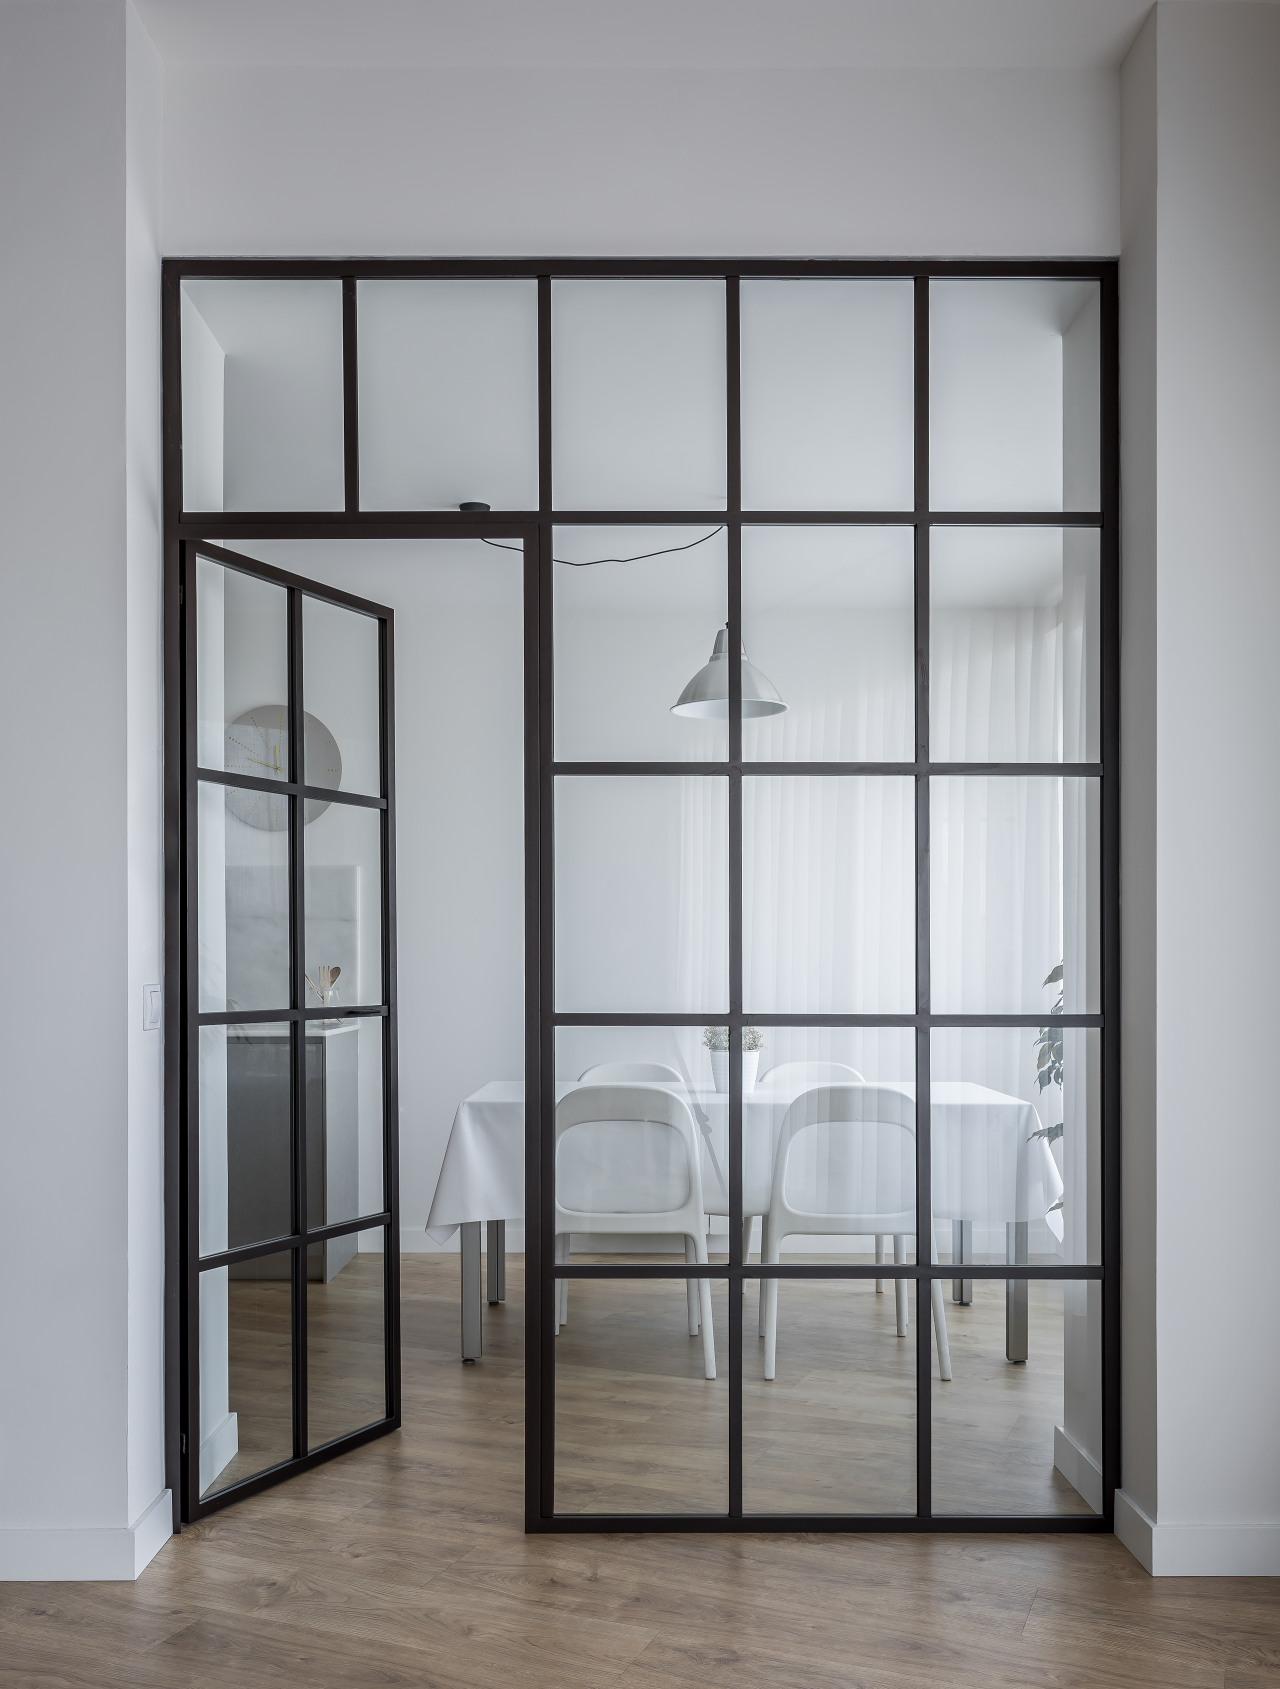 fotografia-arquitectura-valencia-german-cabo-mariola-torre-en-conill (9)